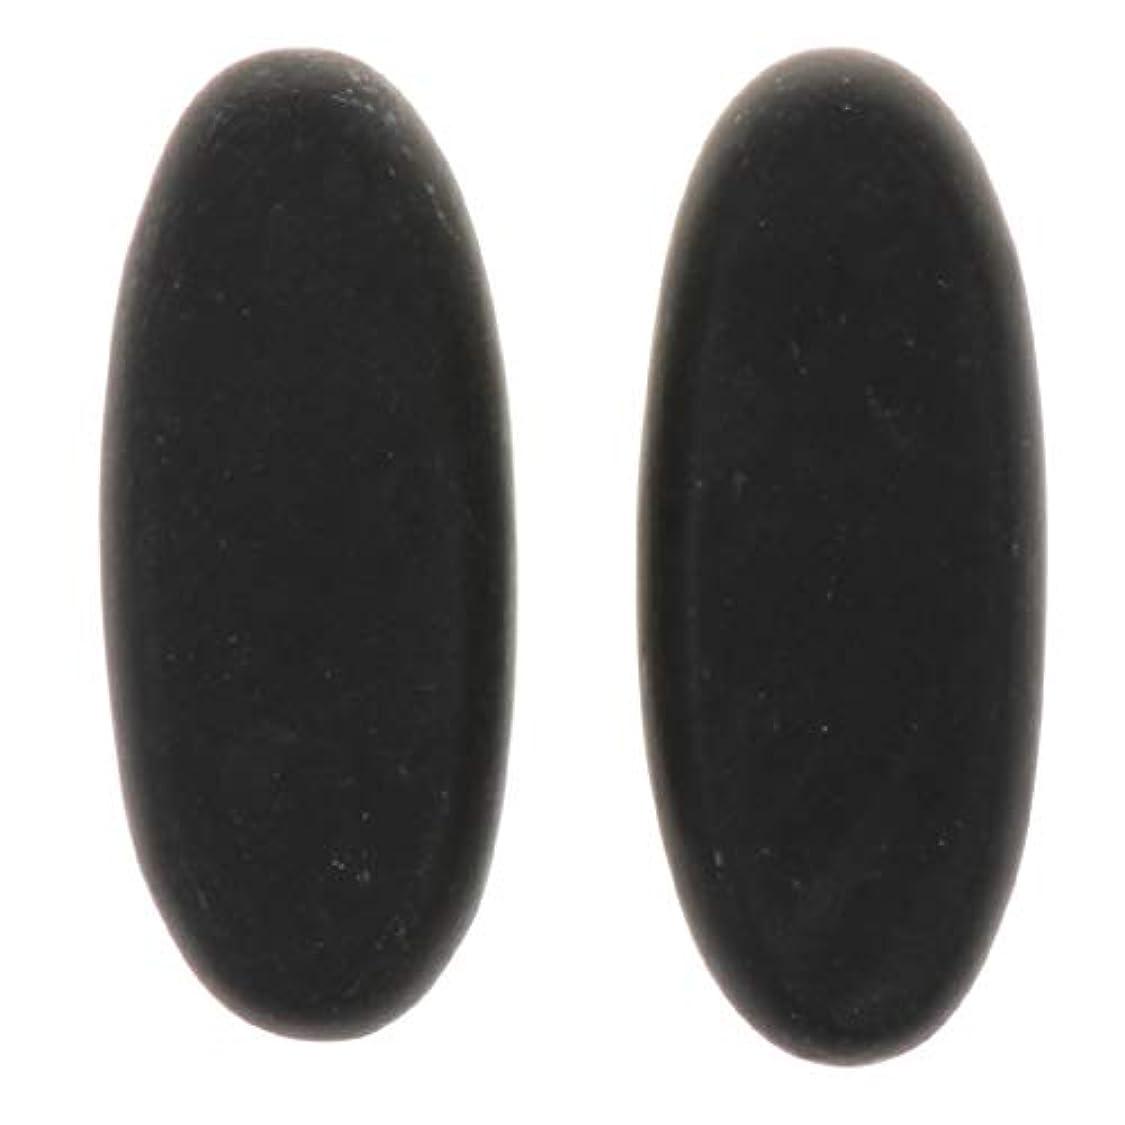 ポーン告発者他の日P Prettyia マッサージストーン マッサージ石 天然石ホットストーン マッサージ用玄武岩 ツボ押し SPA 2個 全2サイズ - 8×3.2×1.5cm